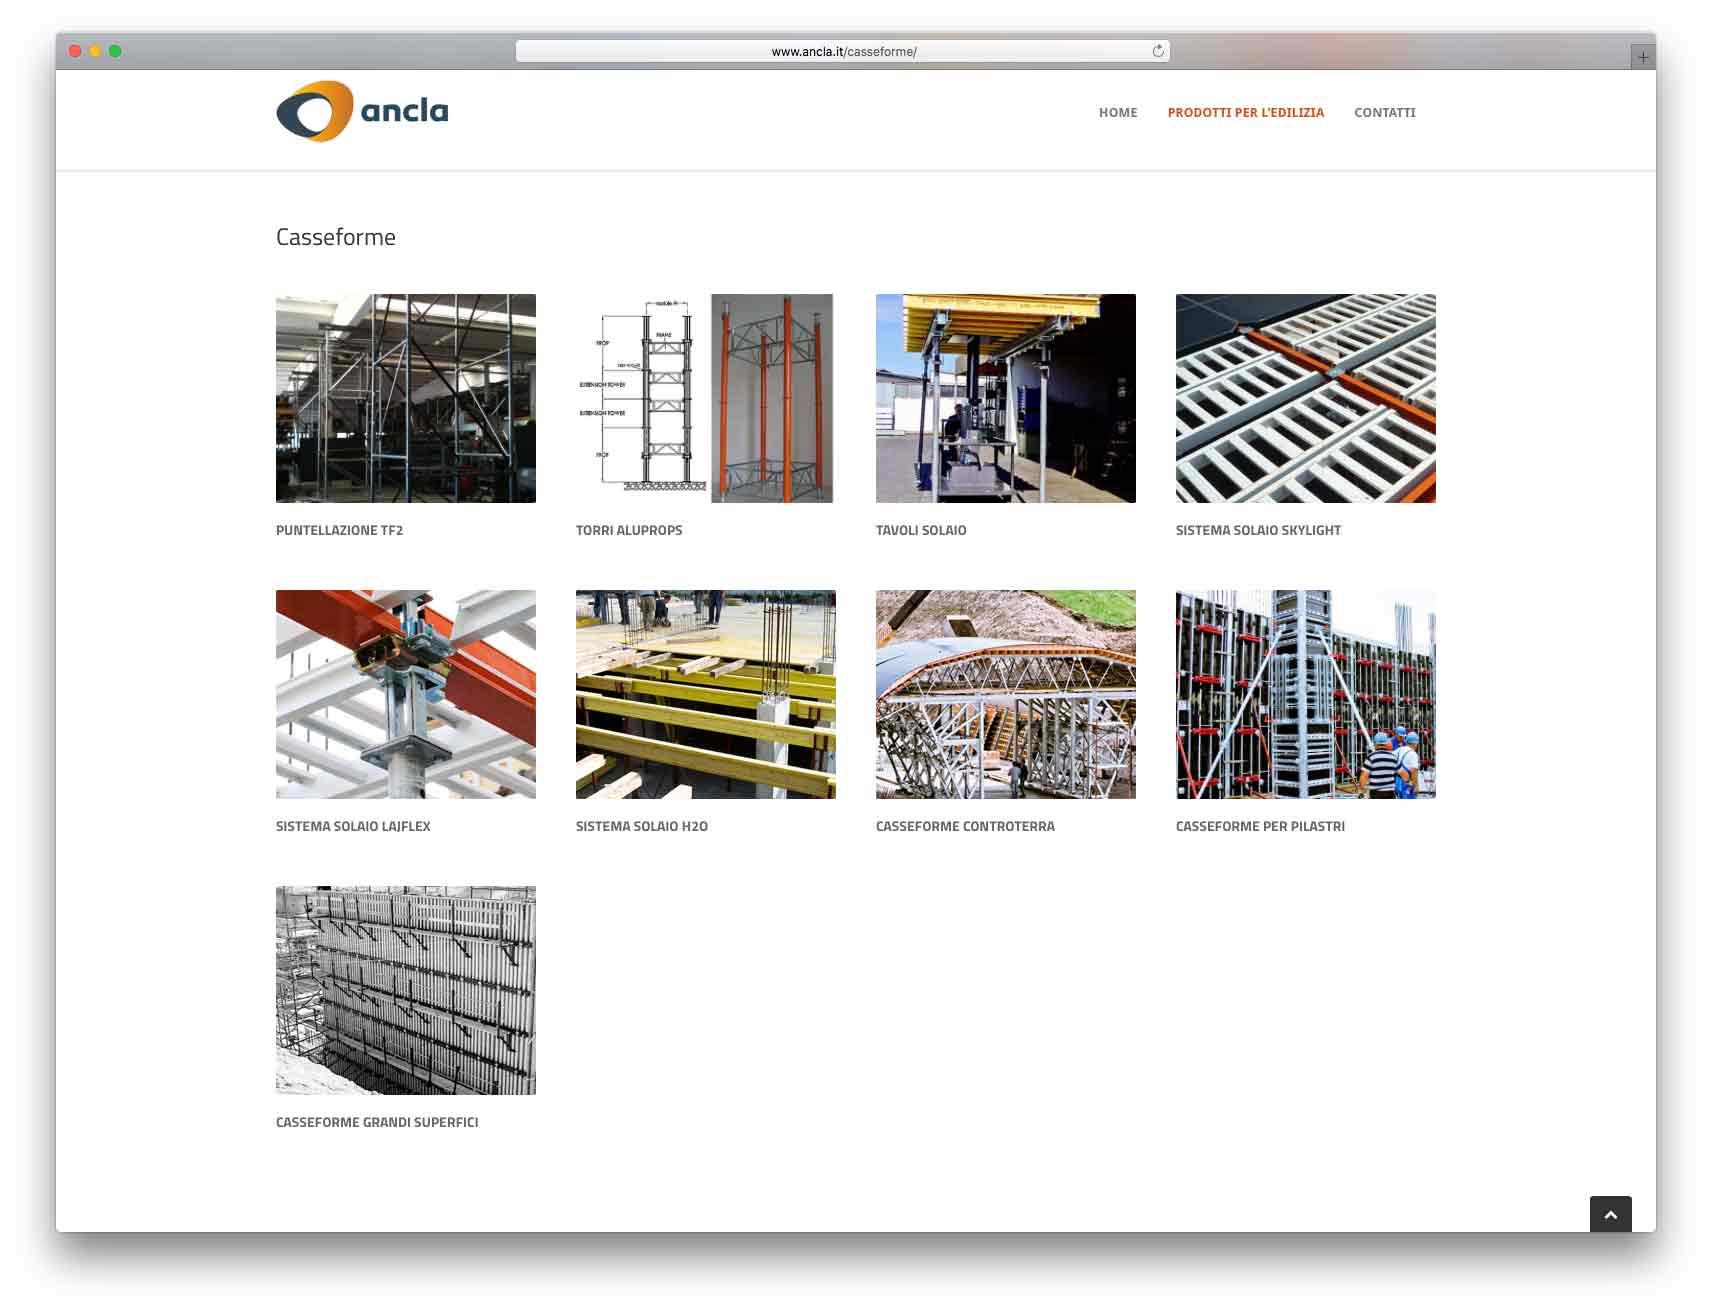 creazione siti web brescia - Agenzia P - sito web Ancla